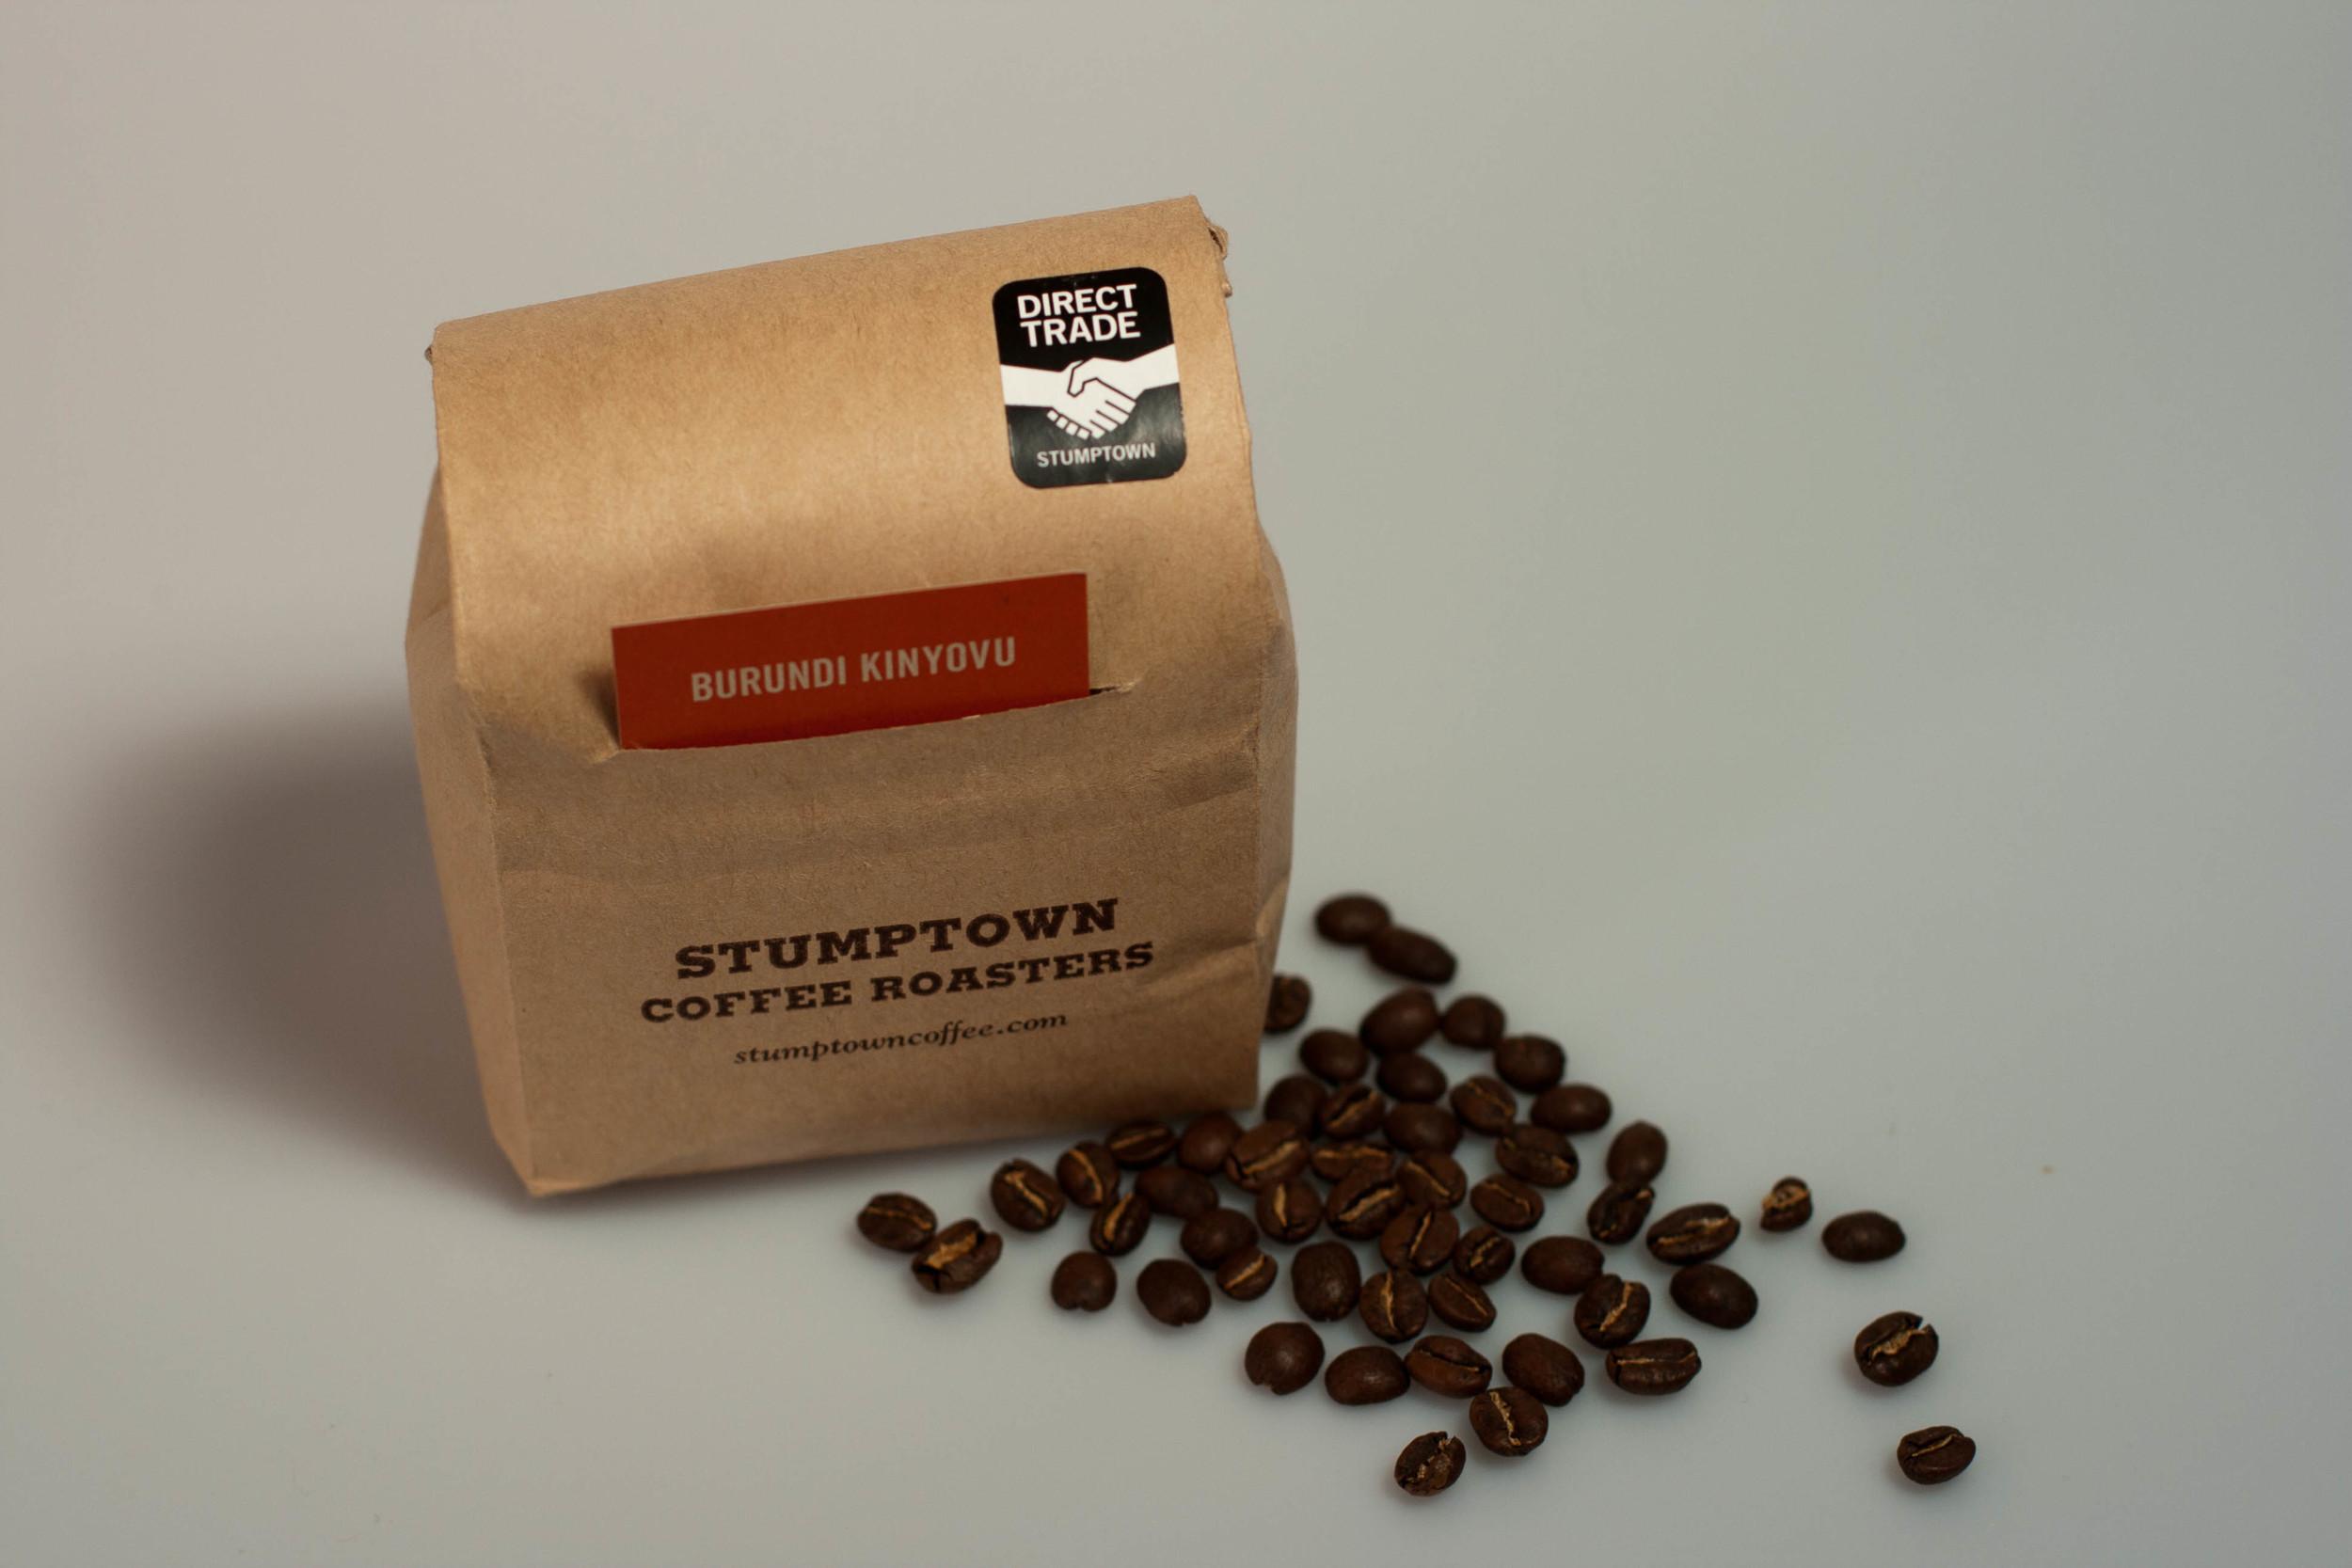 Stumptown Coffee Burundi Kinyovu Direct Trade